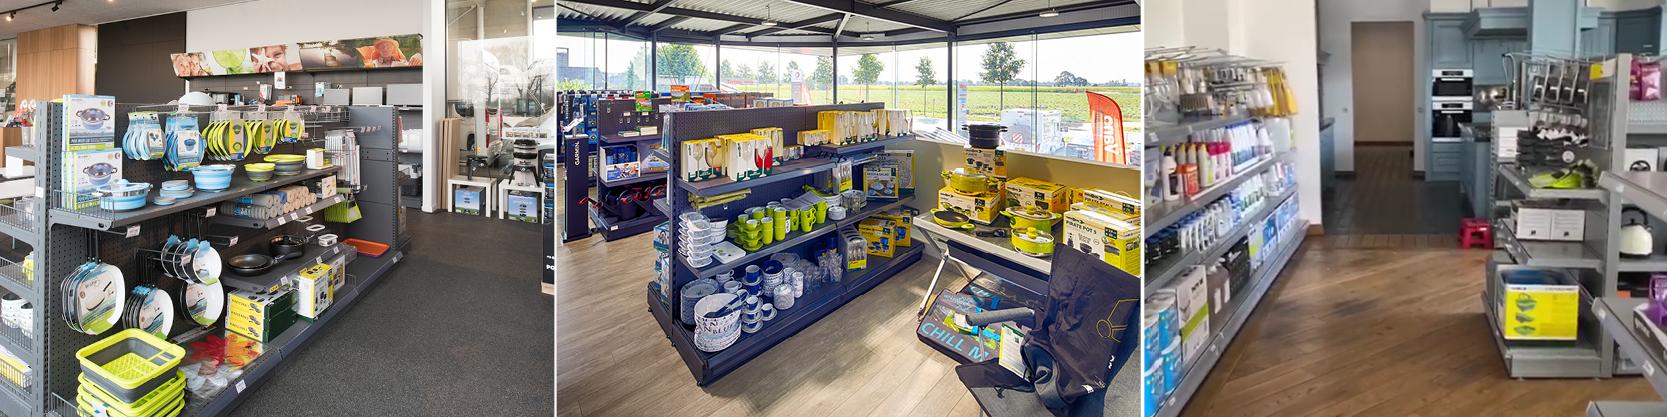 Vano Shops